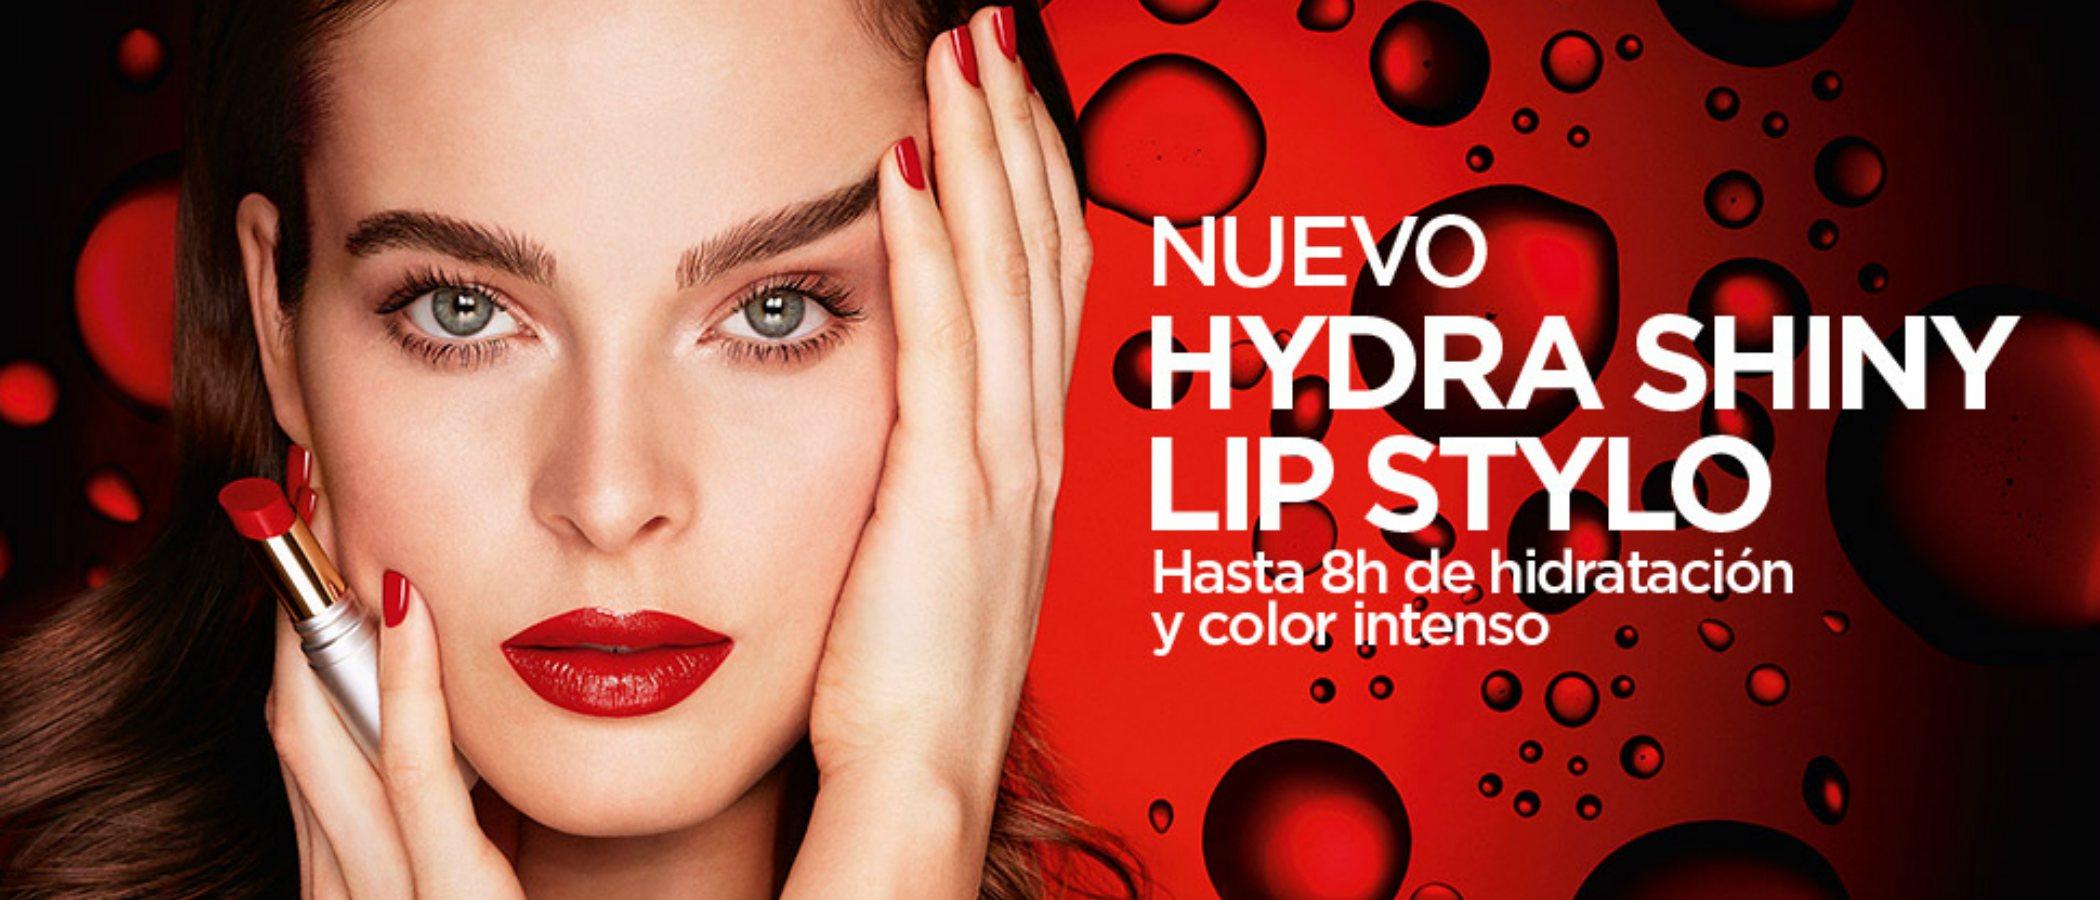 Kiko presenta 'Hydra Shiny Lip Stylo', una nueva barra de labios hidratante y de color intenso